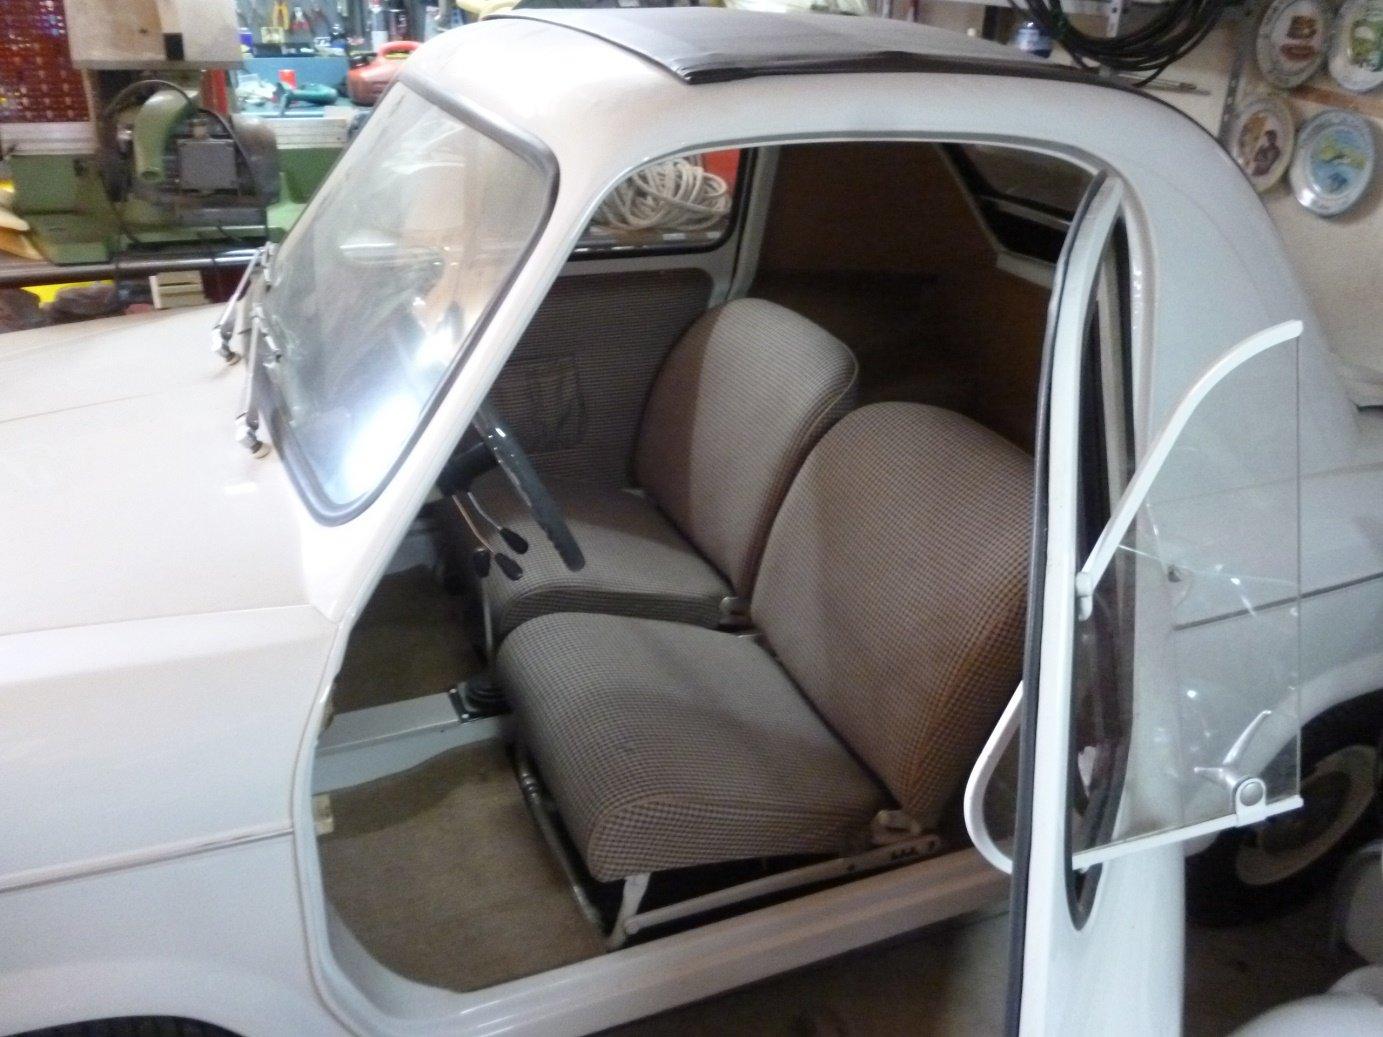 1960 Piaggio Vespa Acma 400 microcar For Sale (picture 4 of 6)